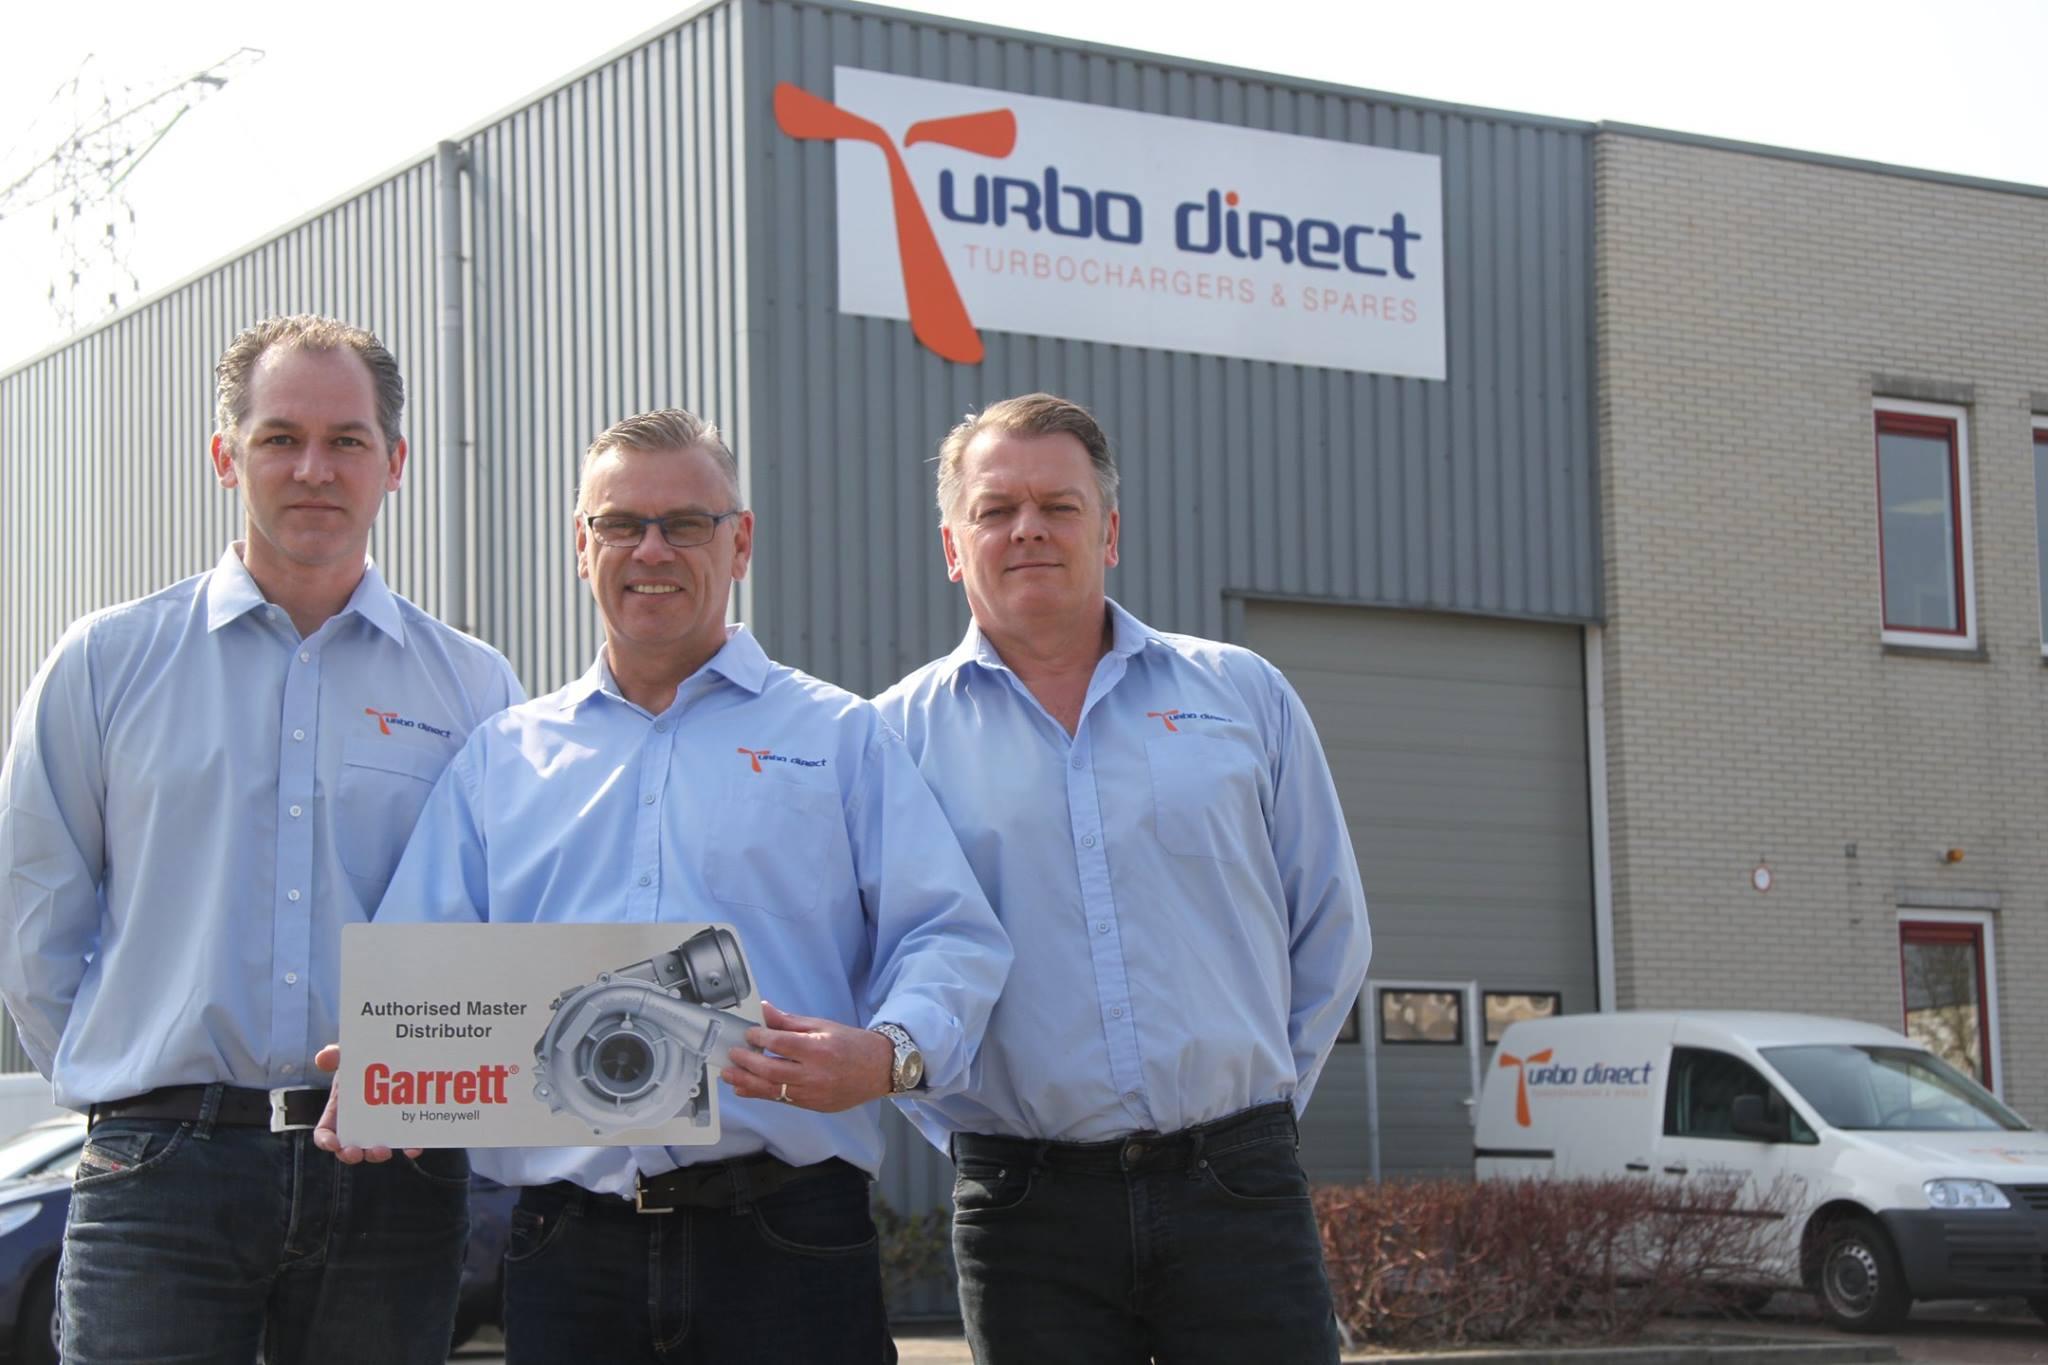 Turbo Direct_Master_Distributor_Garrett_Turbo